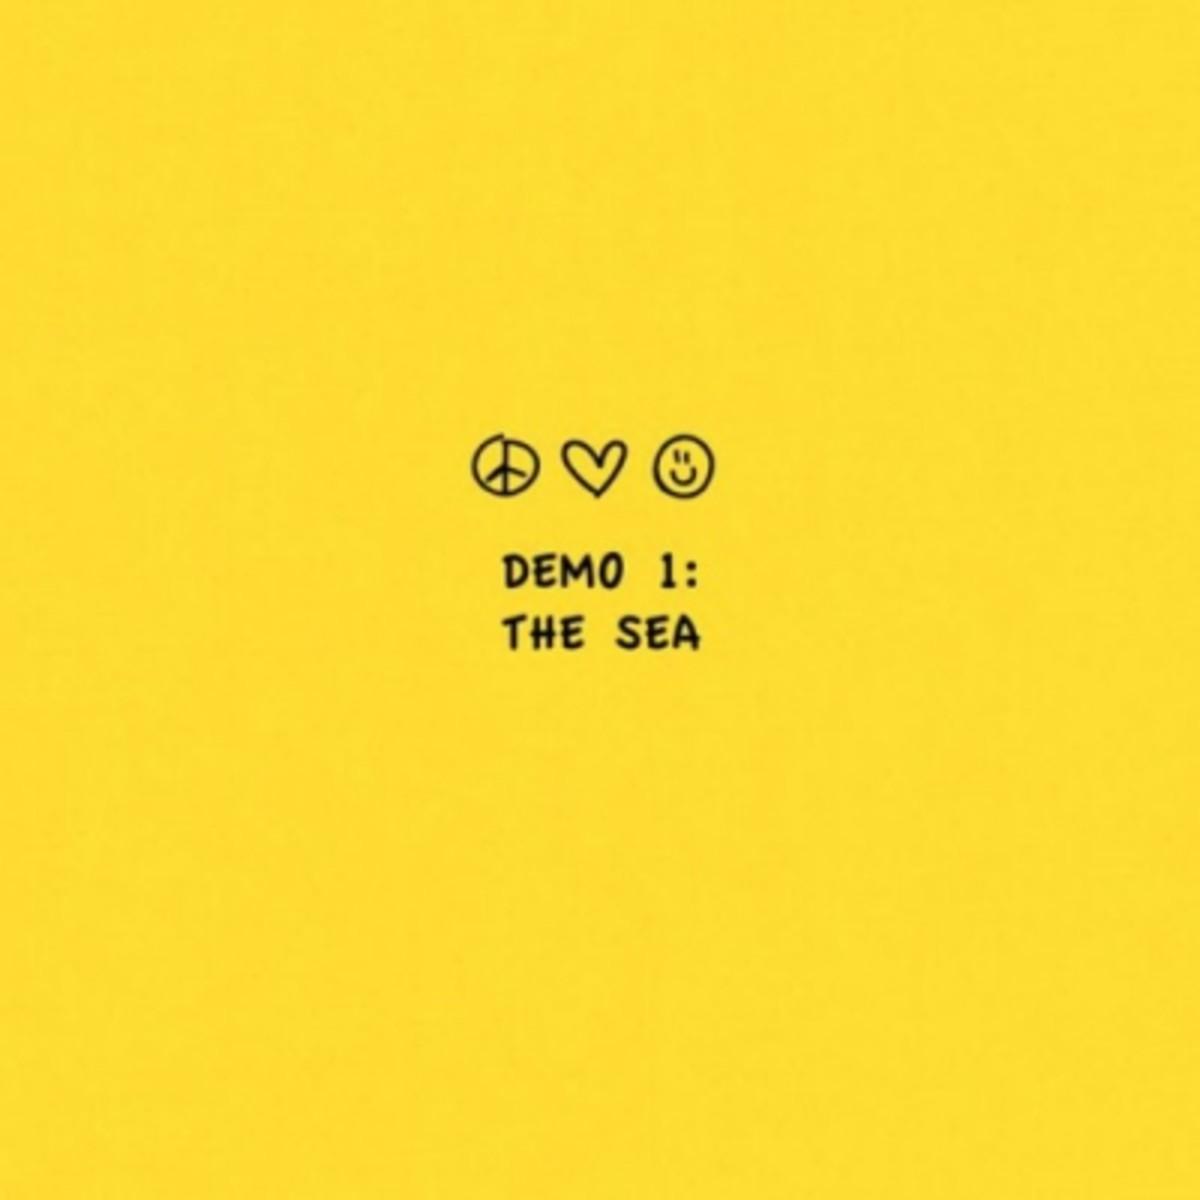 raury-demo-1-the-sea.jpg